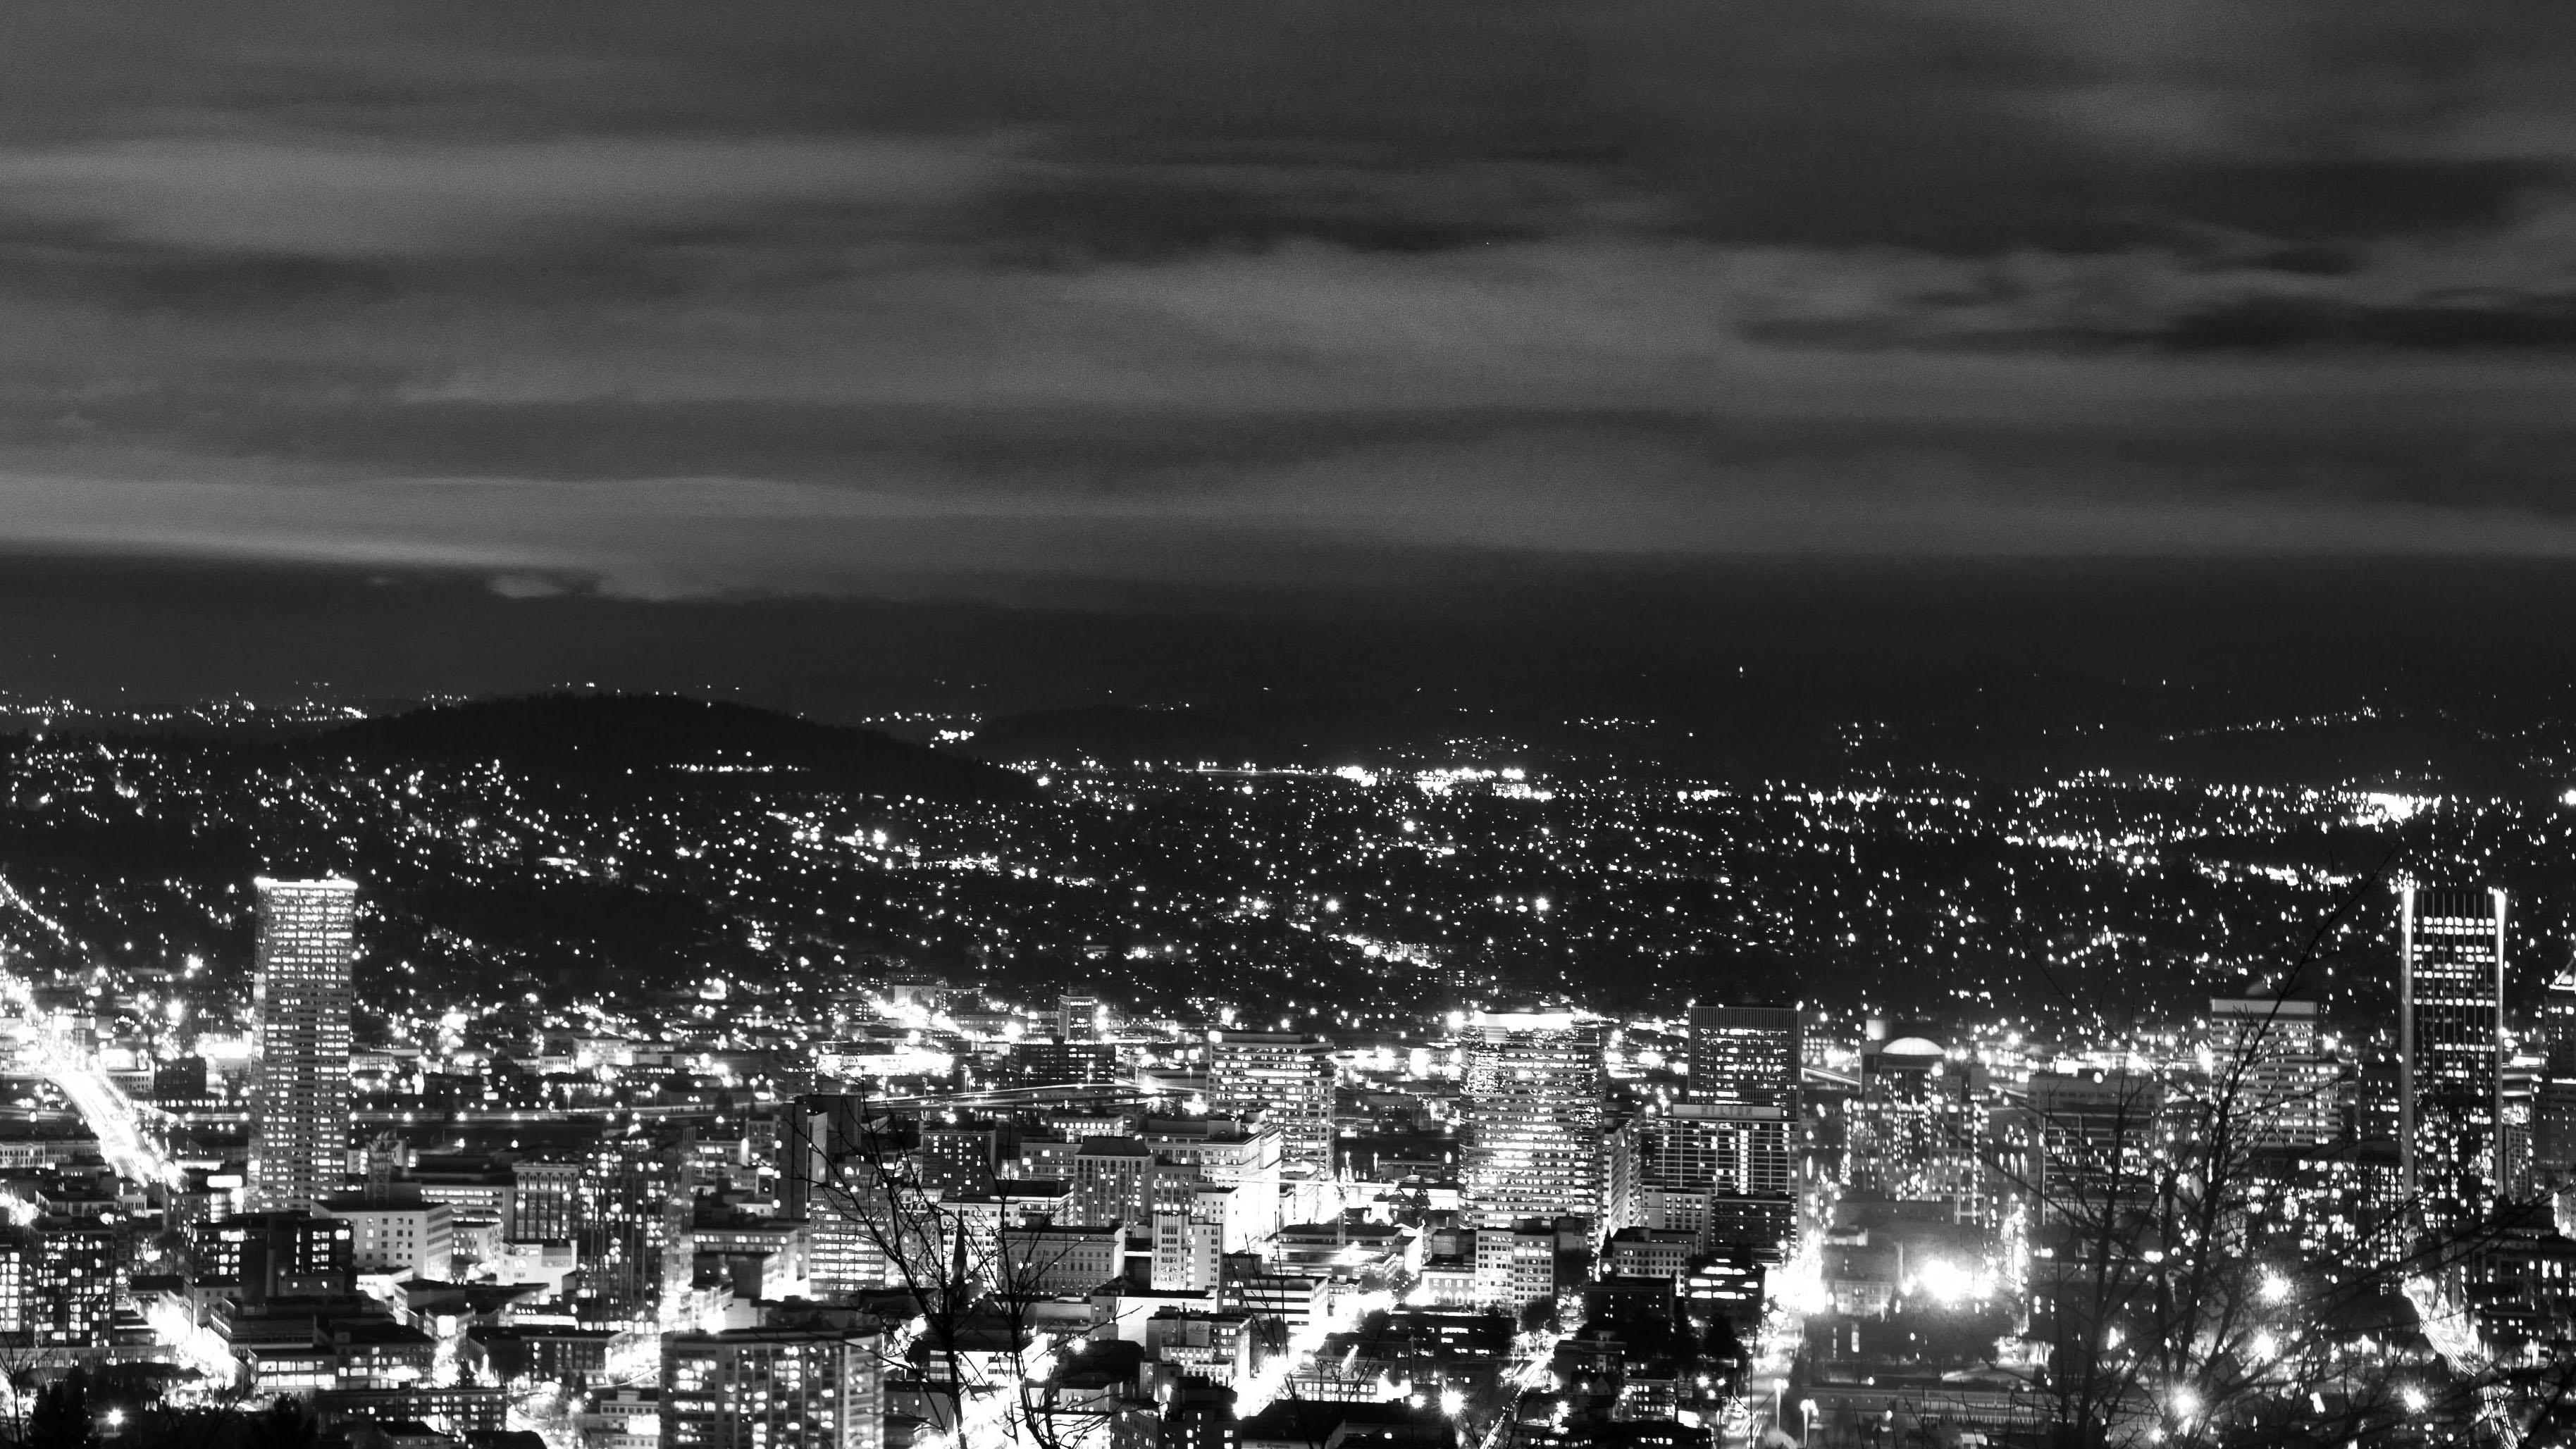 MEDIUM – Repacking Portlandia